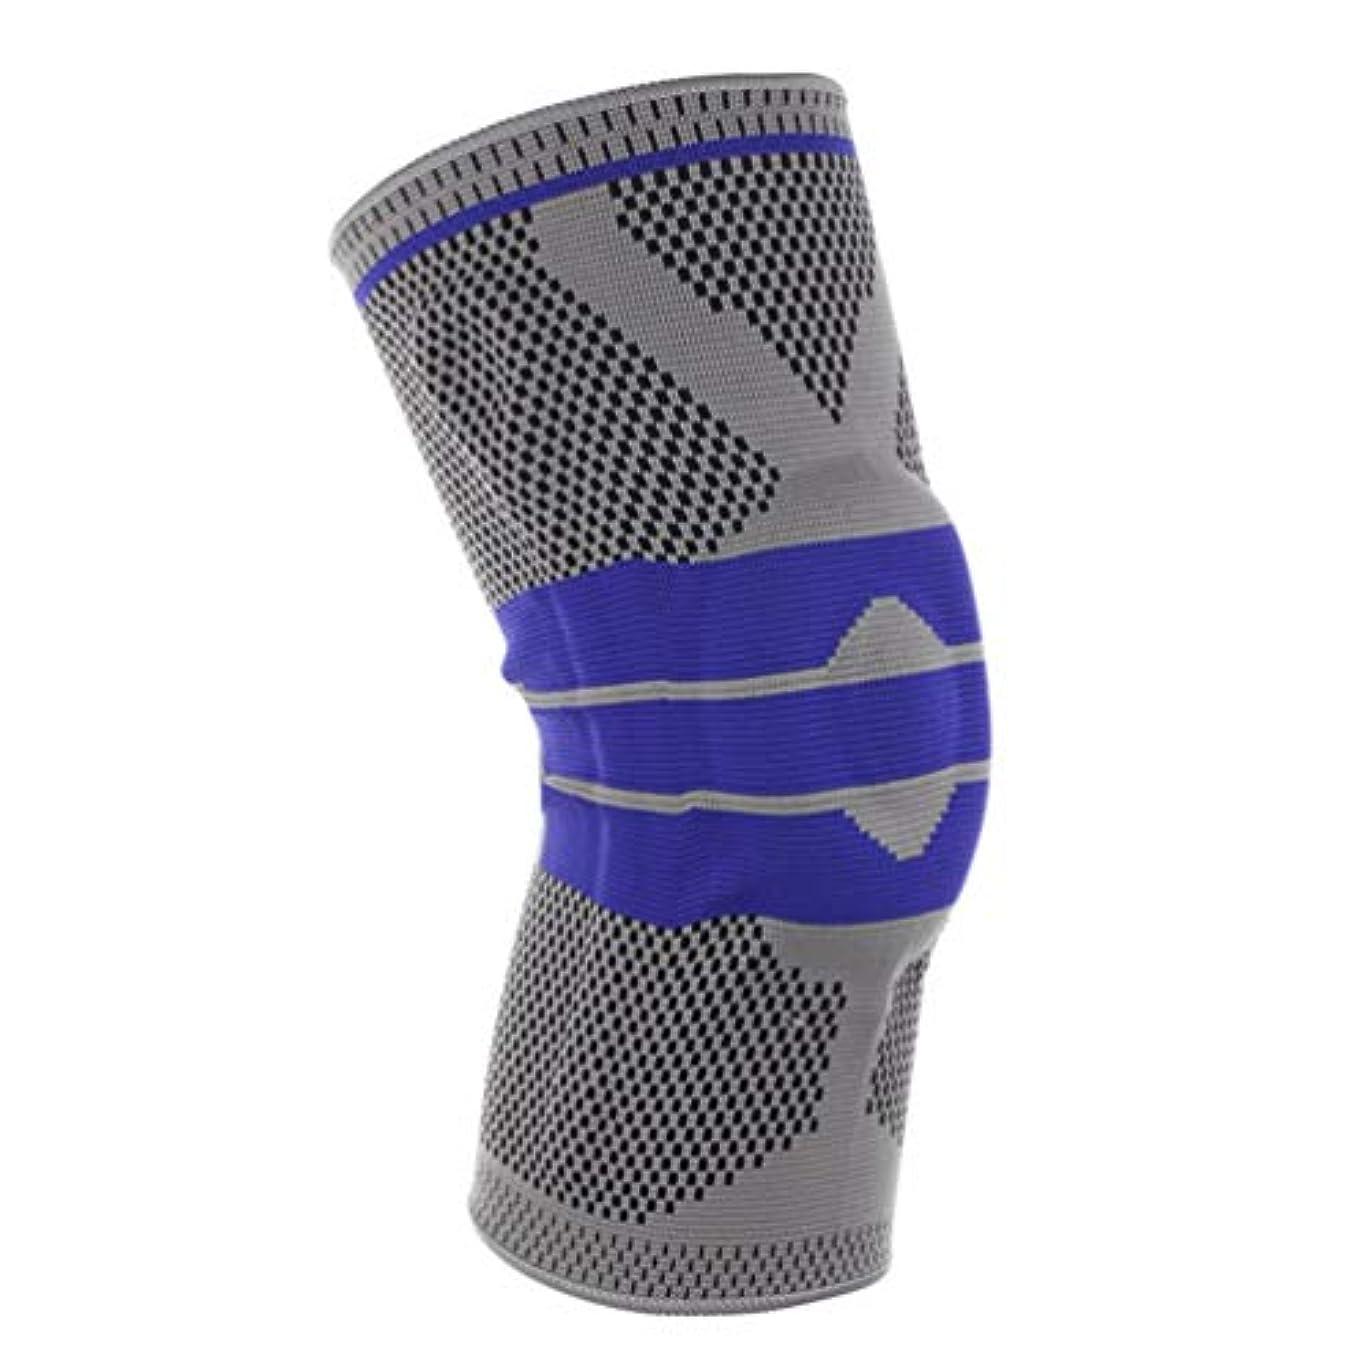 ゲージ第二にであることフル膝プロテクター秋冬フルシーズン弾性通気性膝パッドレリーフ防止スポーツ膝サポートブレース - グレーL